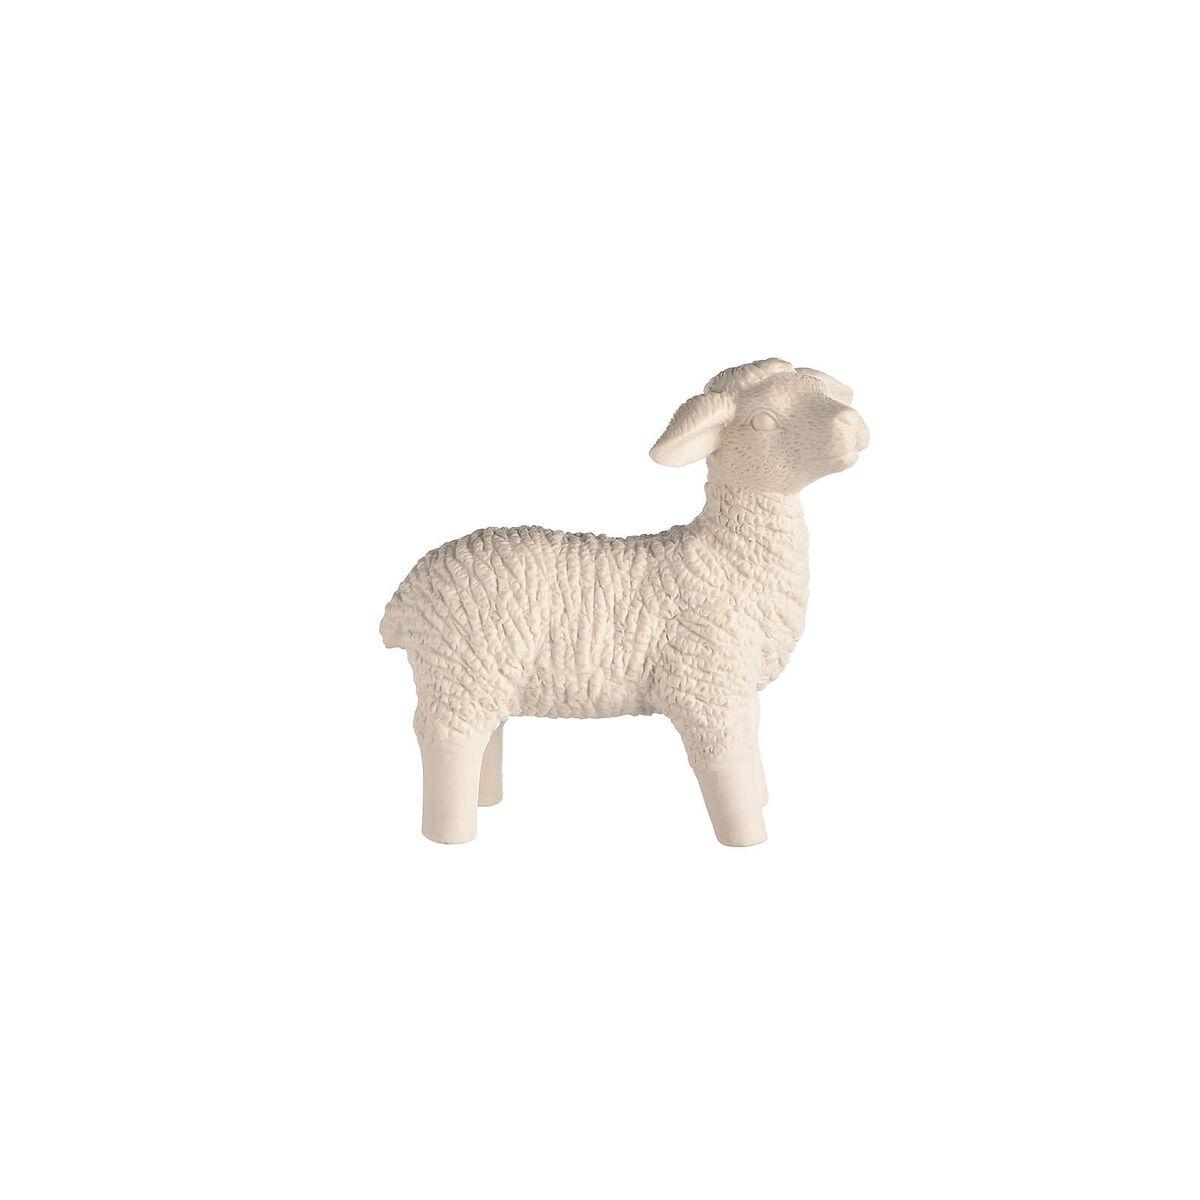 Bild 1 von Dekofigur Schaf stehend, D:16cm x H:15,5cm, weiß